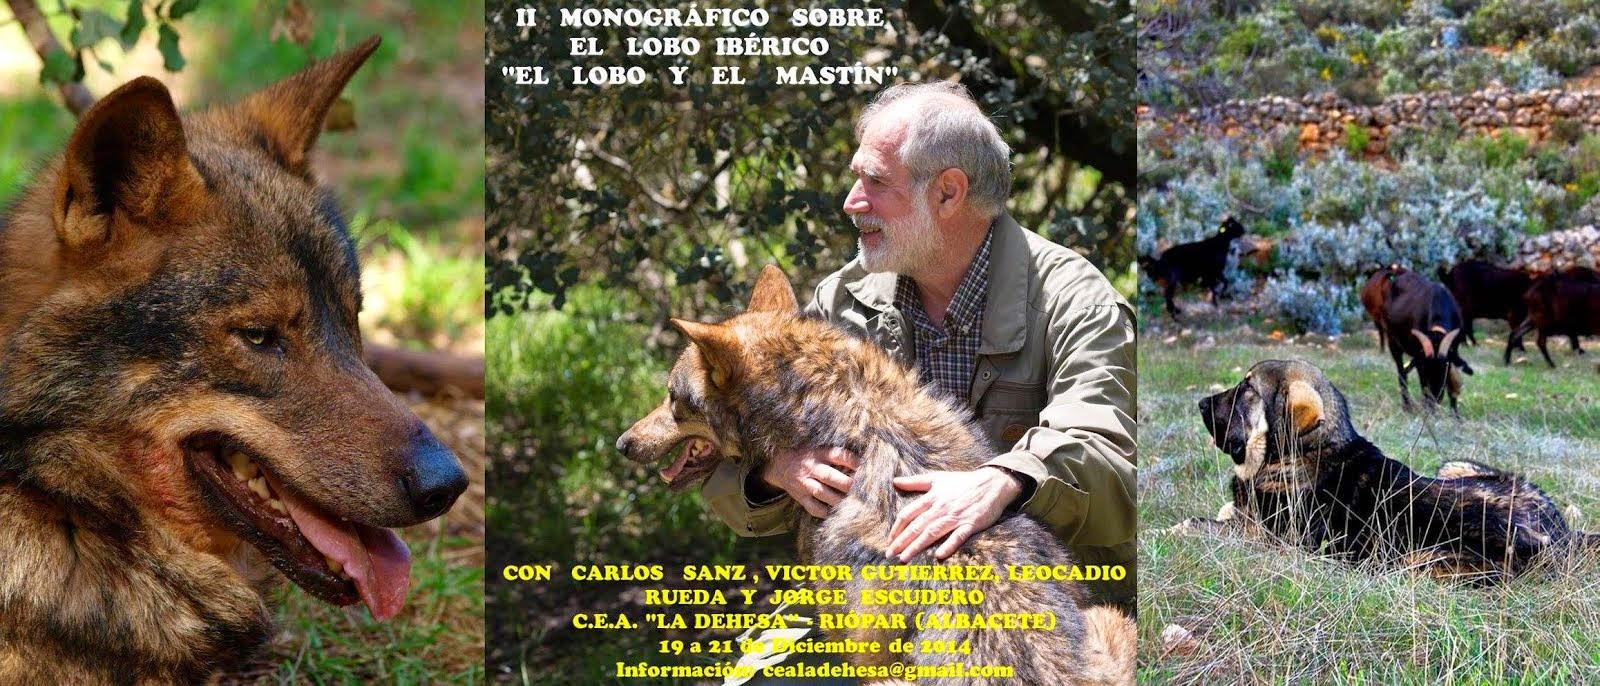 II Monográfico sobre el lobo ibérico.